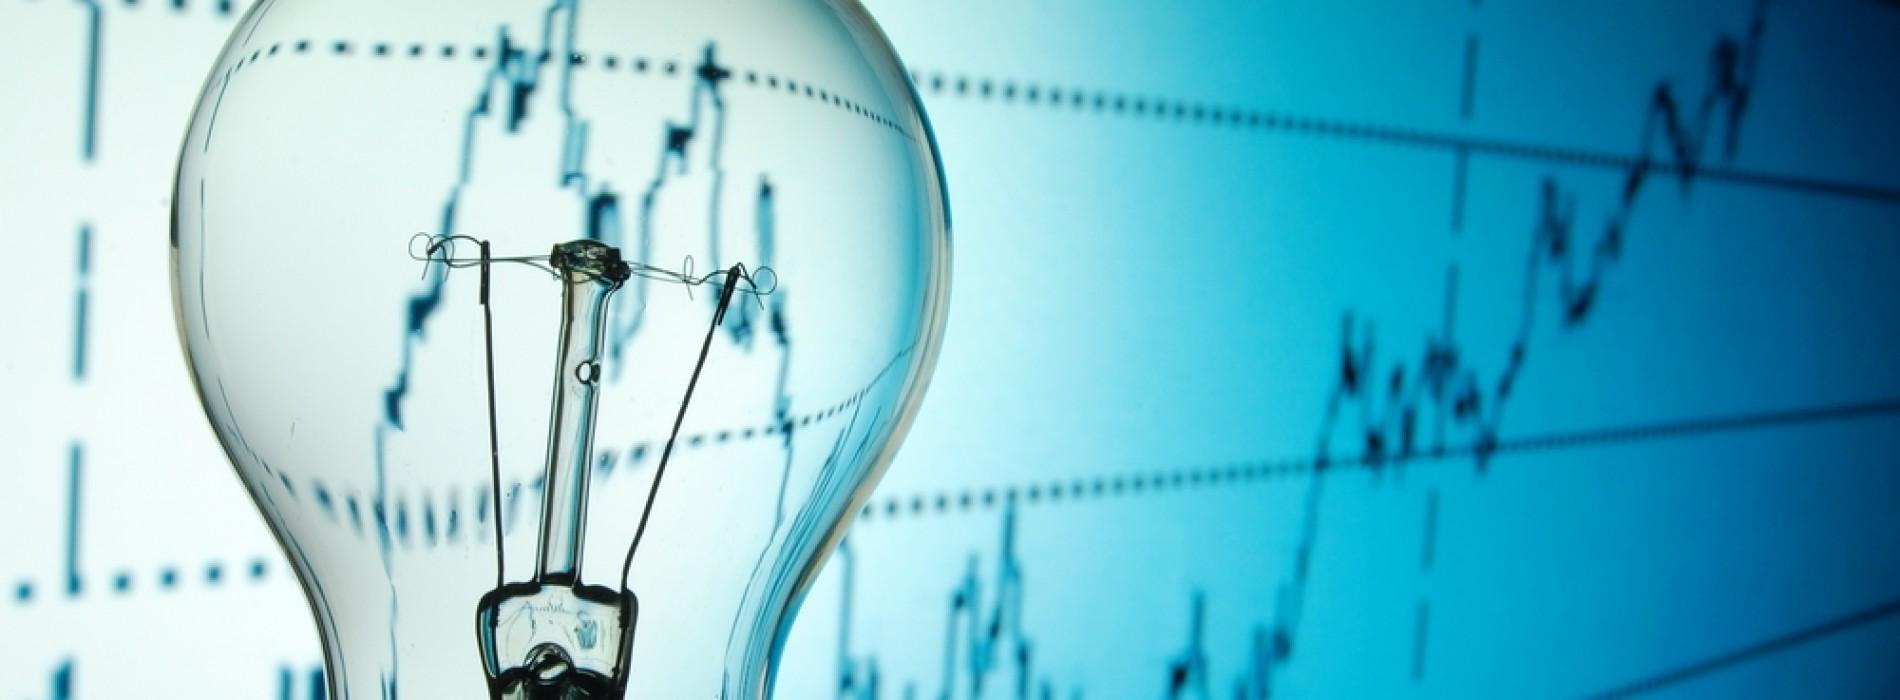 Od czego zależy cena energii, jaką płaci firma?